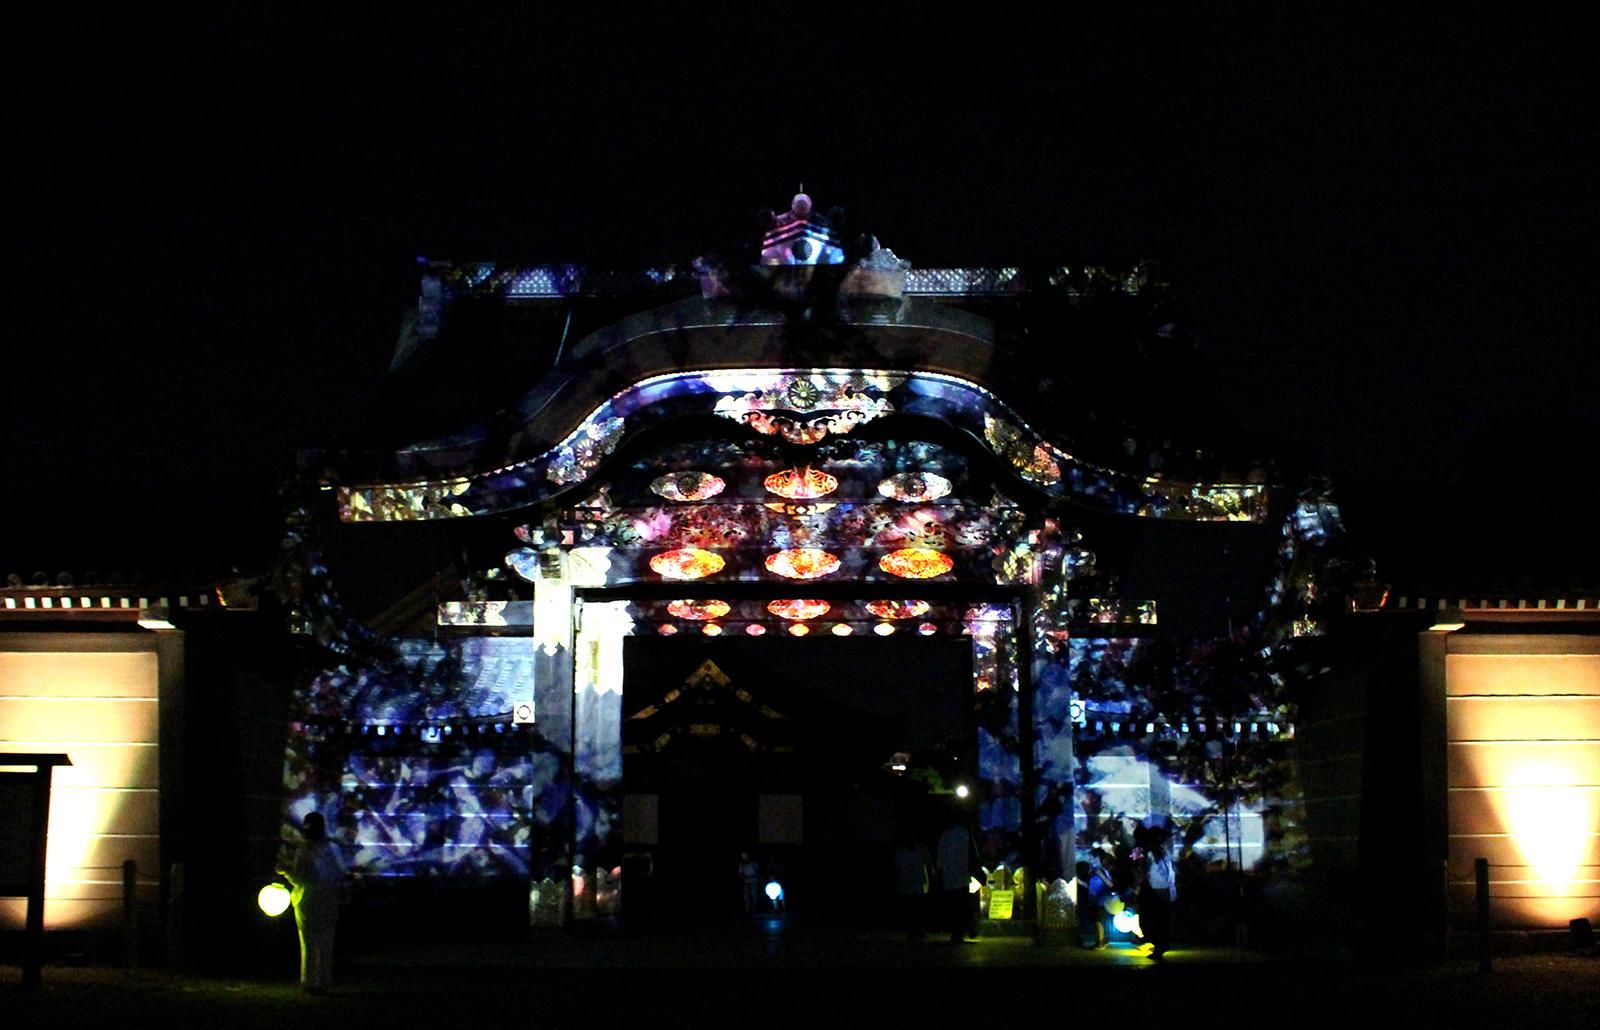 『二条城×ネイキッド 二条城夏まつり2021〜ネイキッド万華鏡花火〜』重要文化財・唐門でのプロジェクションマッピング